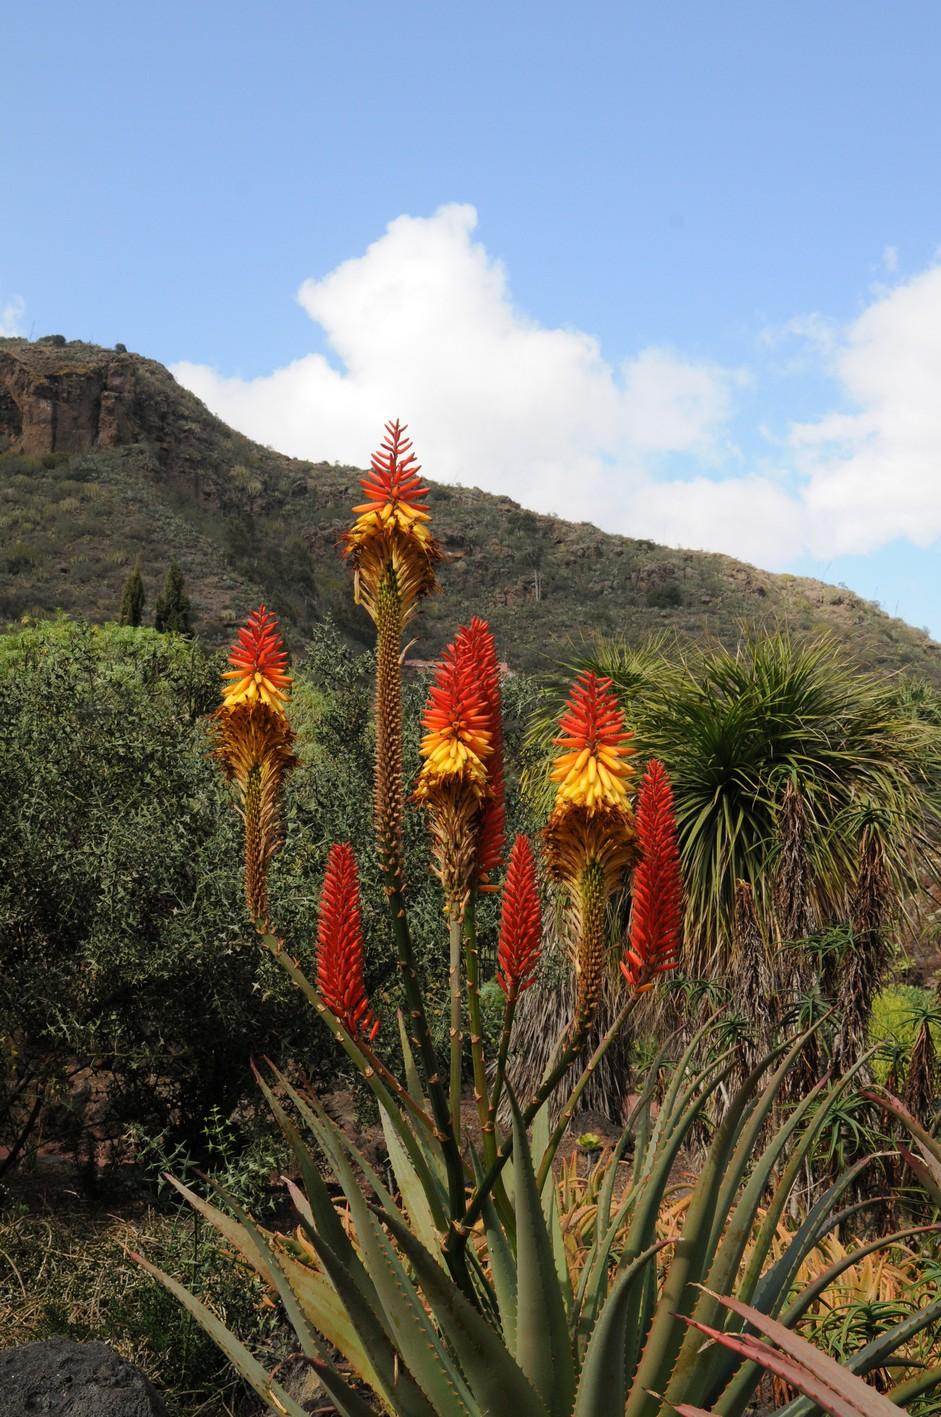 kaktusblomst4, botanisk have